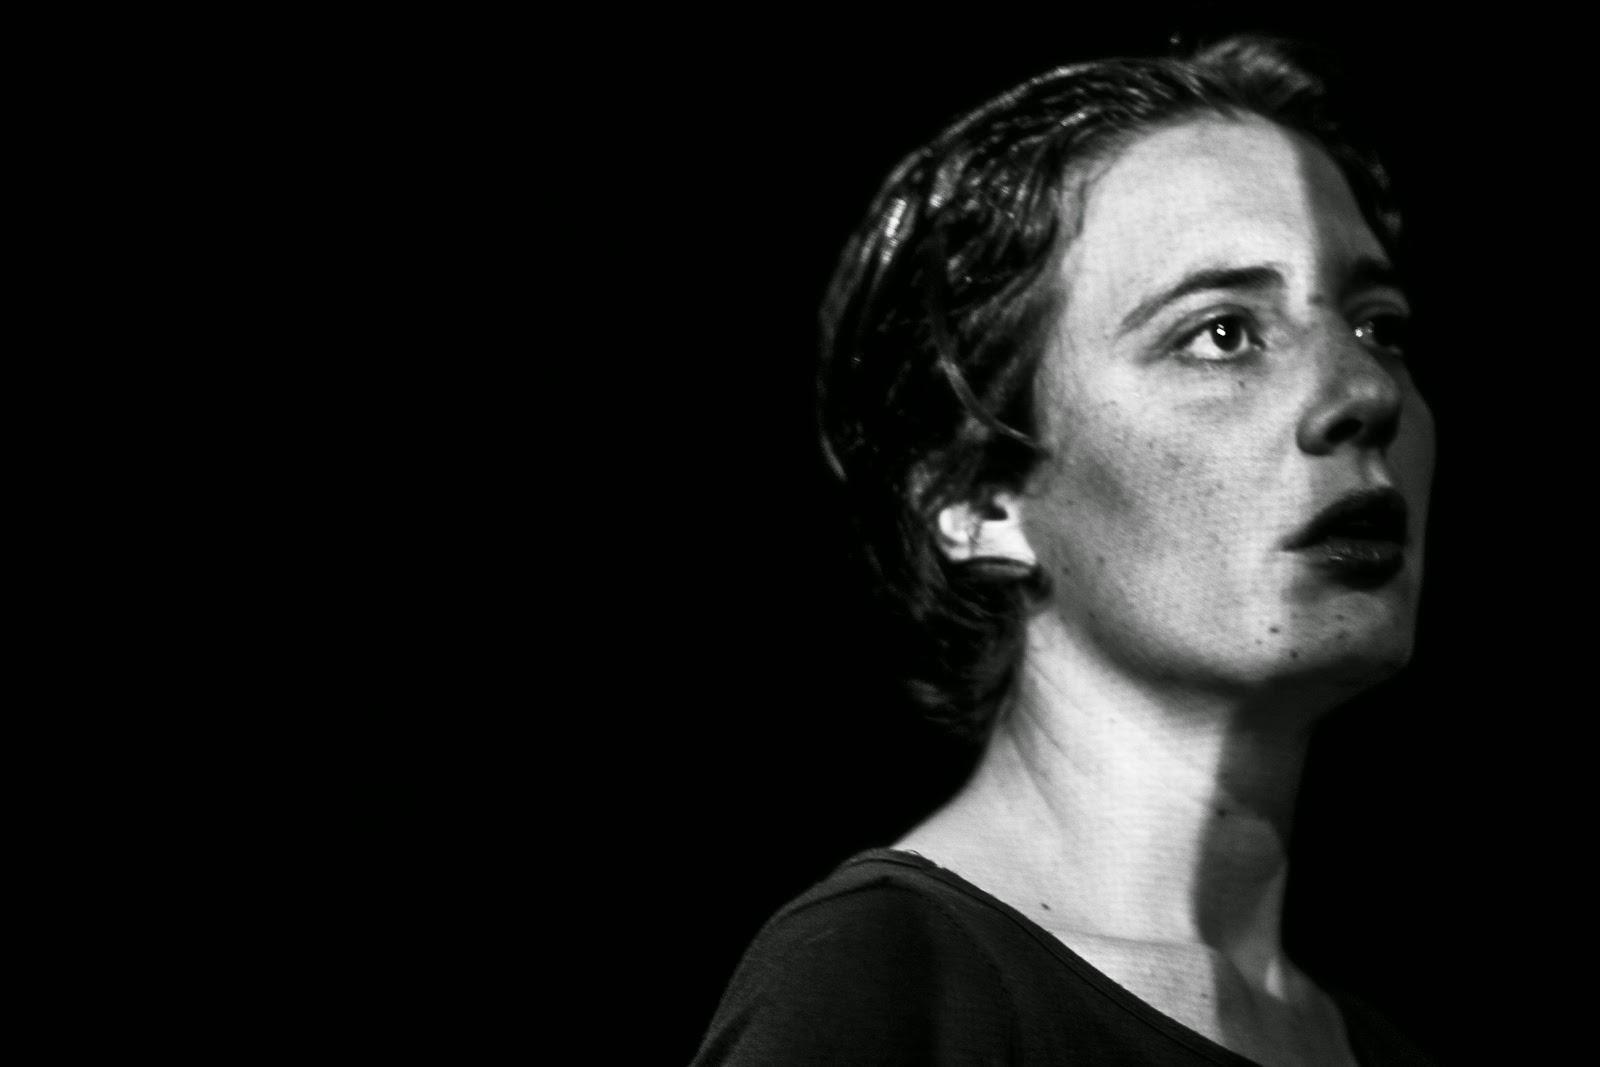 Αποκλειστική συνέντευξη της Σίσσυ Δουτσίου στο θεατρο.gr